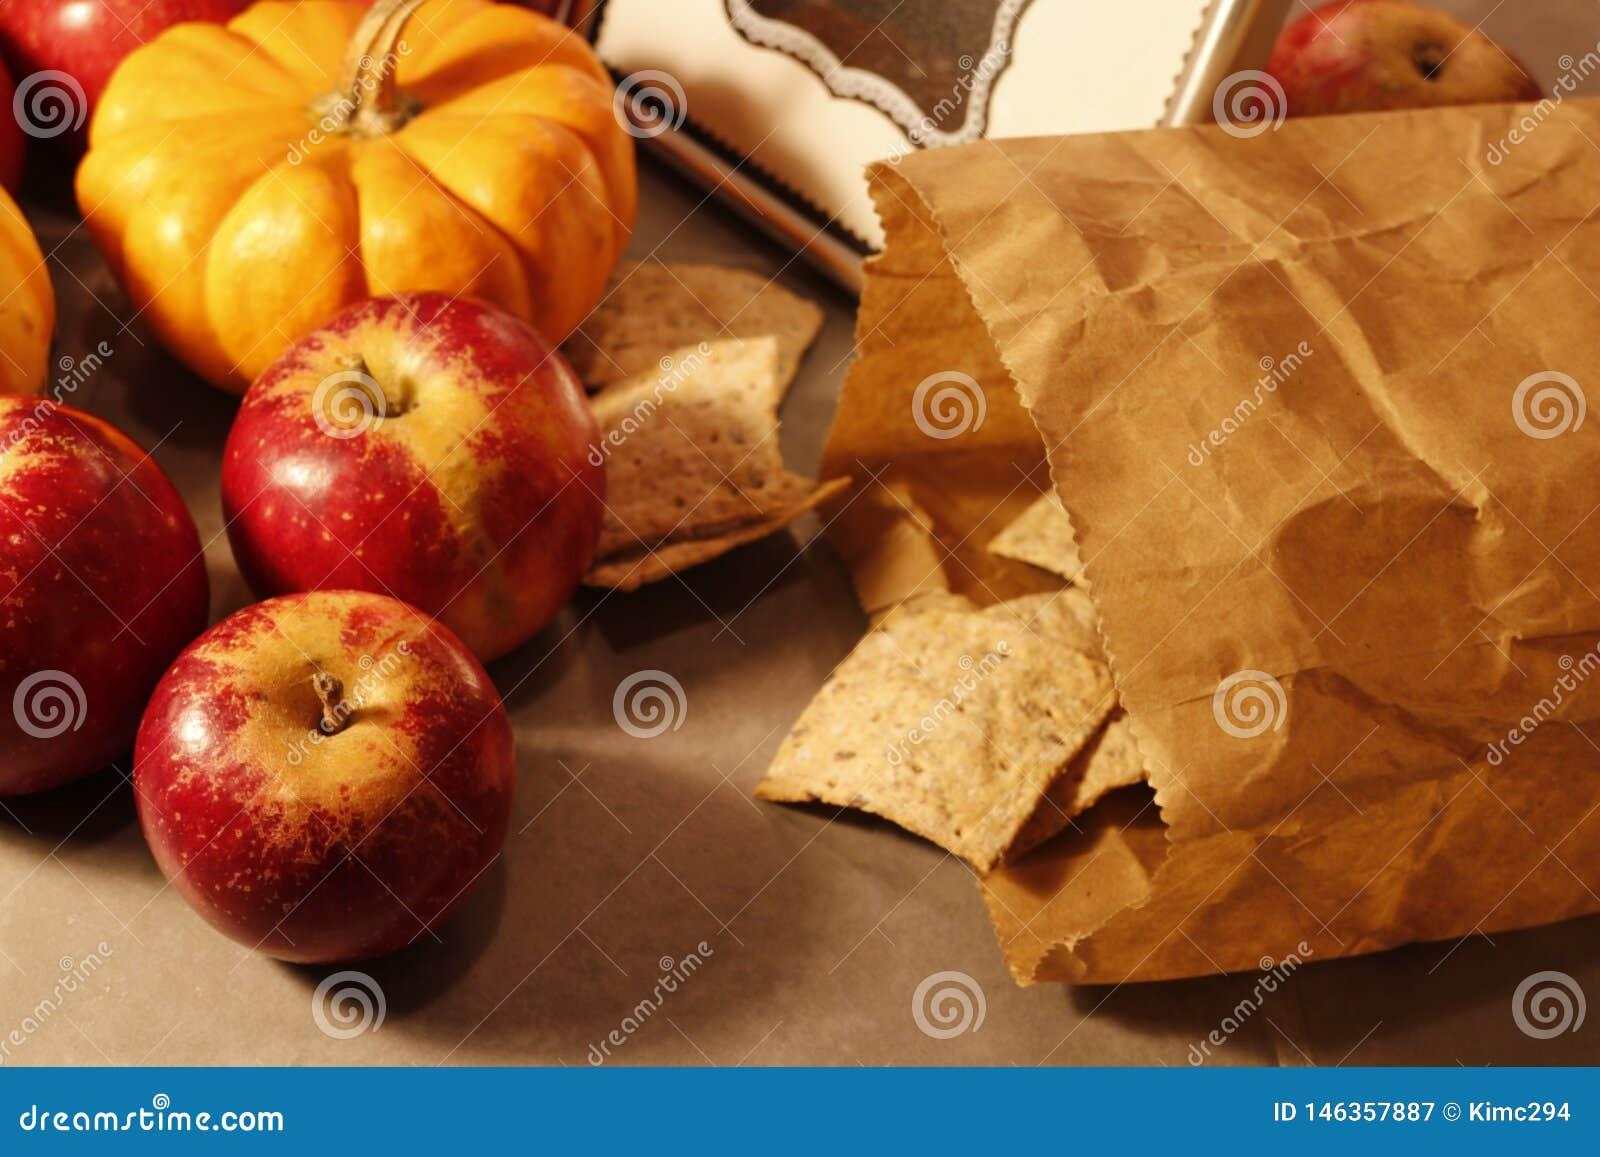 Fermez-vous sur des pommes rouges et un sac de papier de pain croustillant